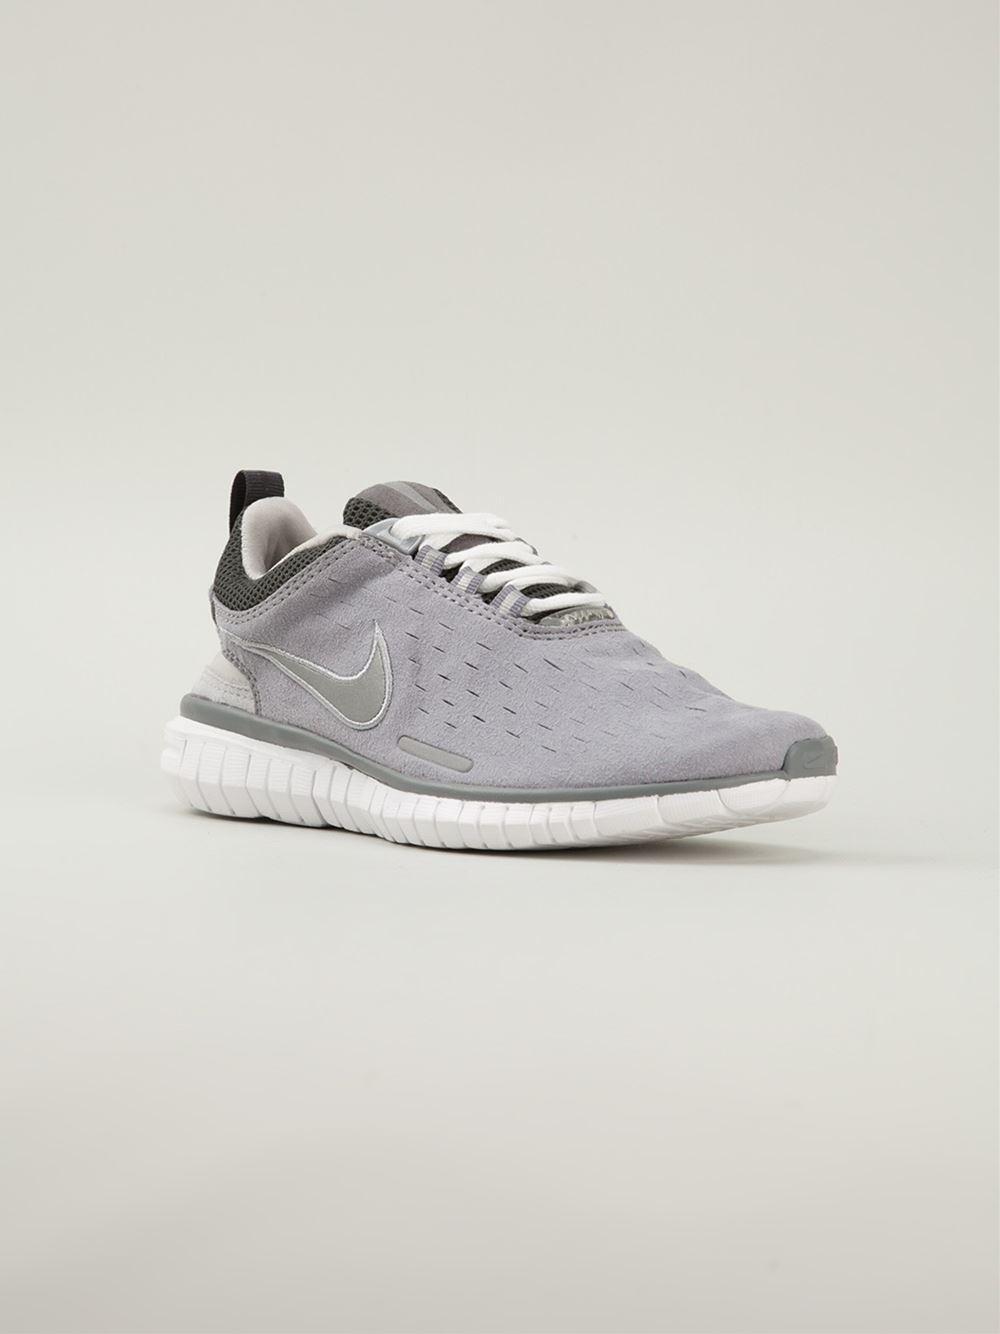 Nike ' Free Og '14' Trainers - Jofré - Farfetch.com